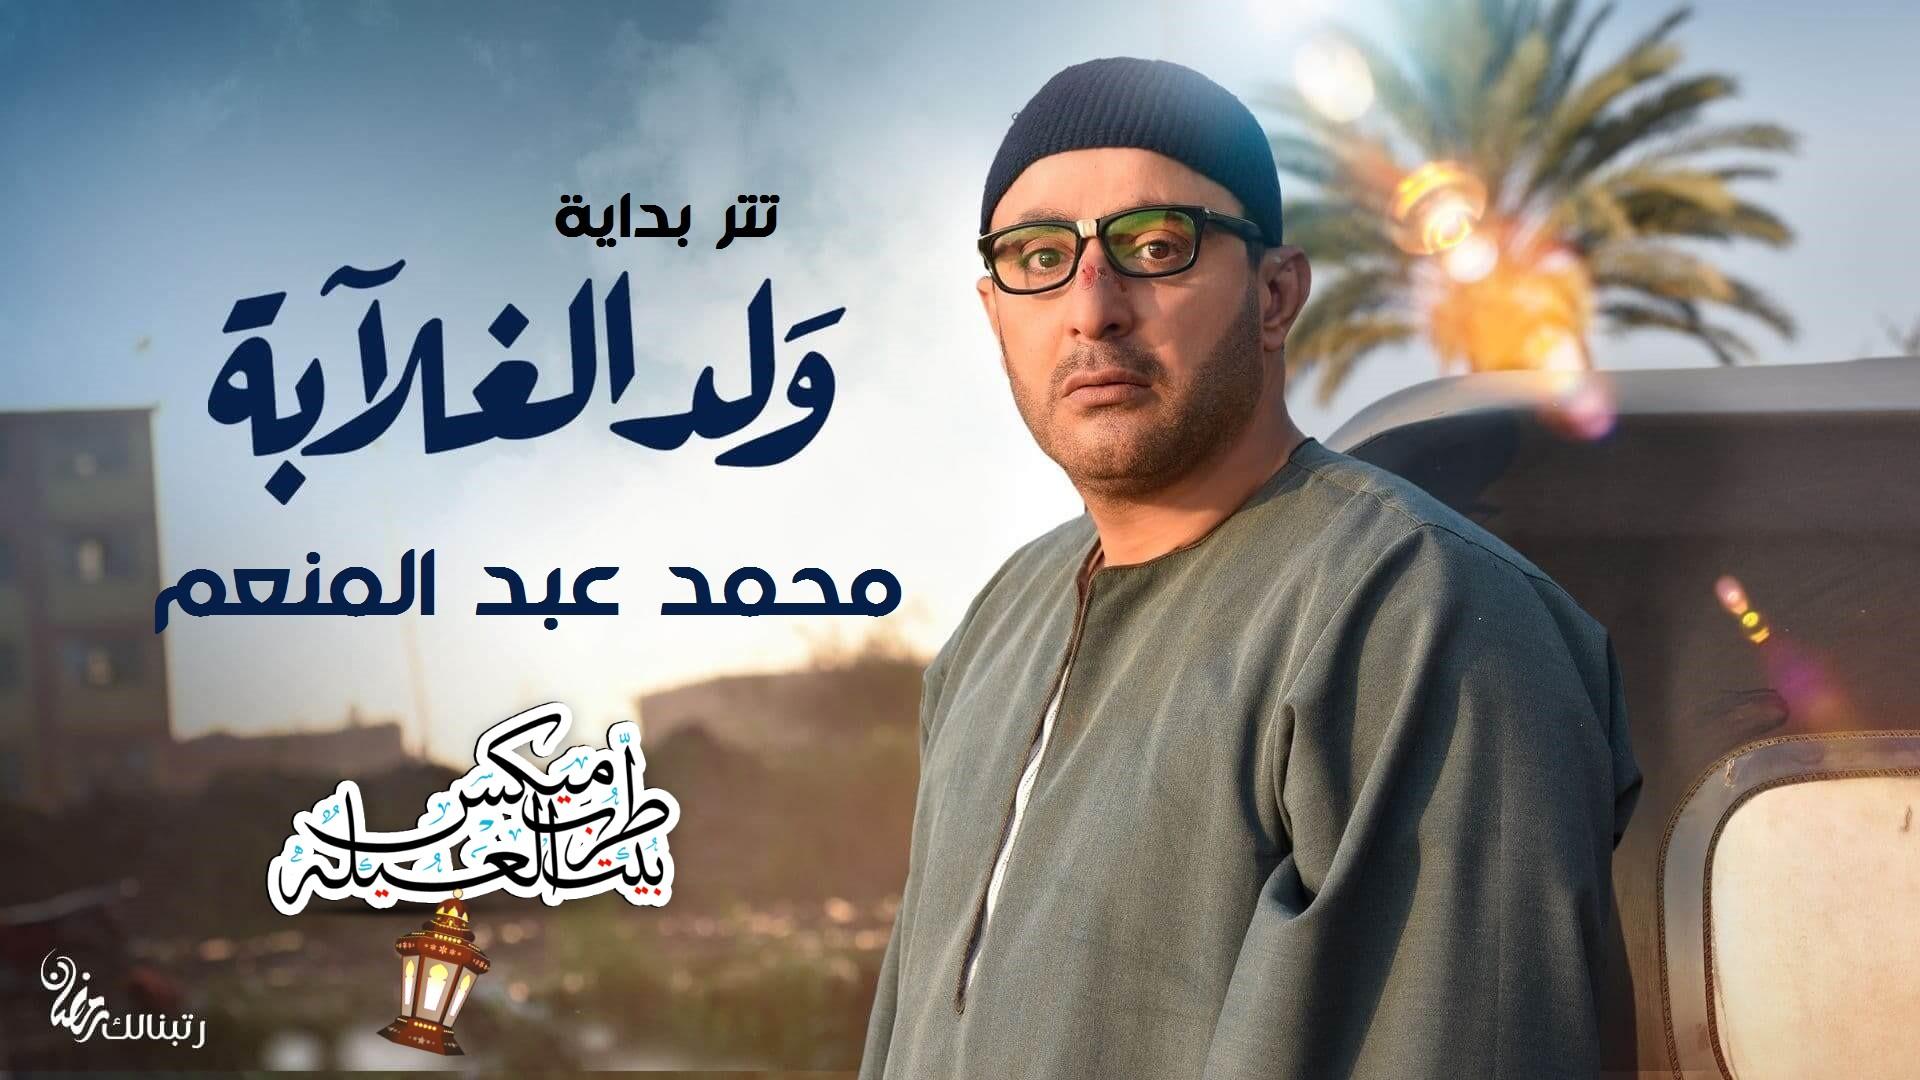 استماع وتحميل اغنية محمد عبد المنعم – تتر بداية مسلسل ولد الغلابة احمد السقا Mp3